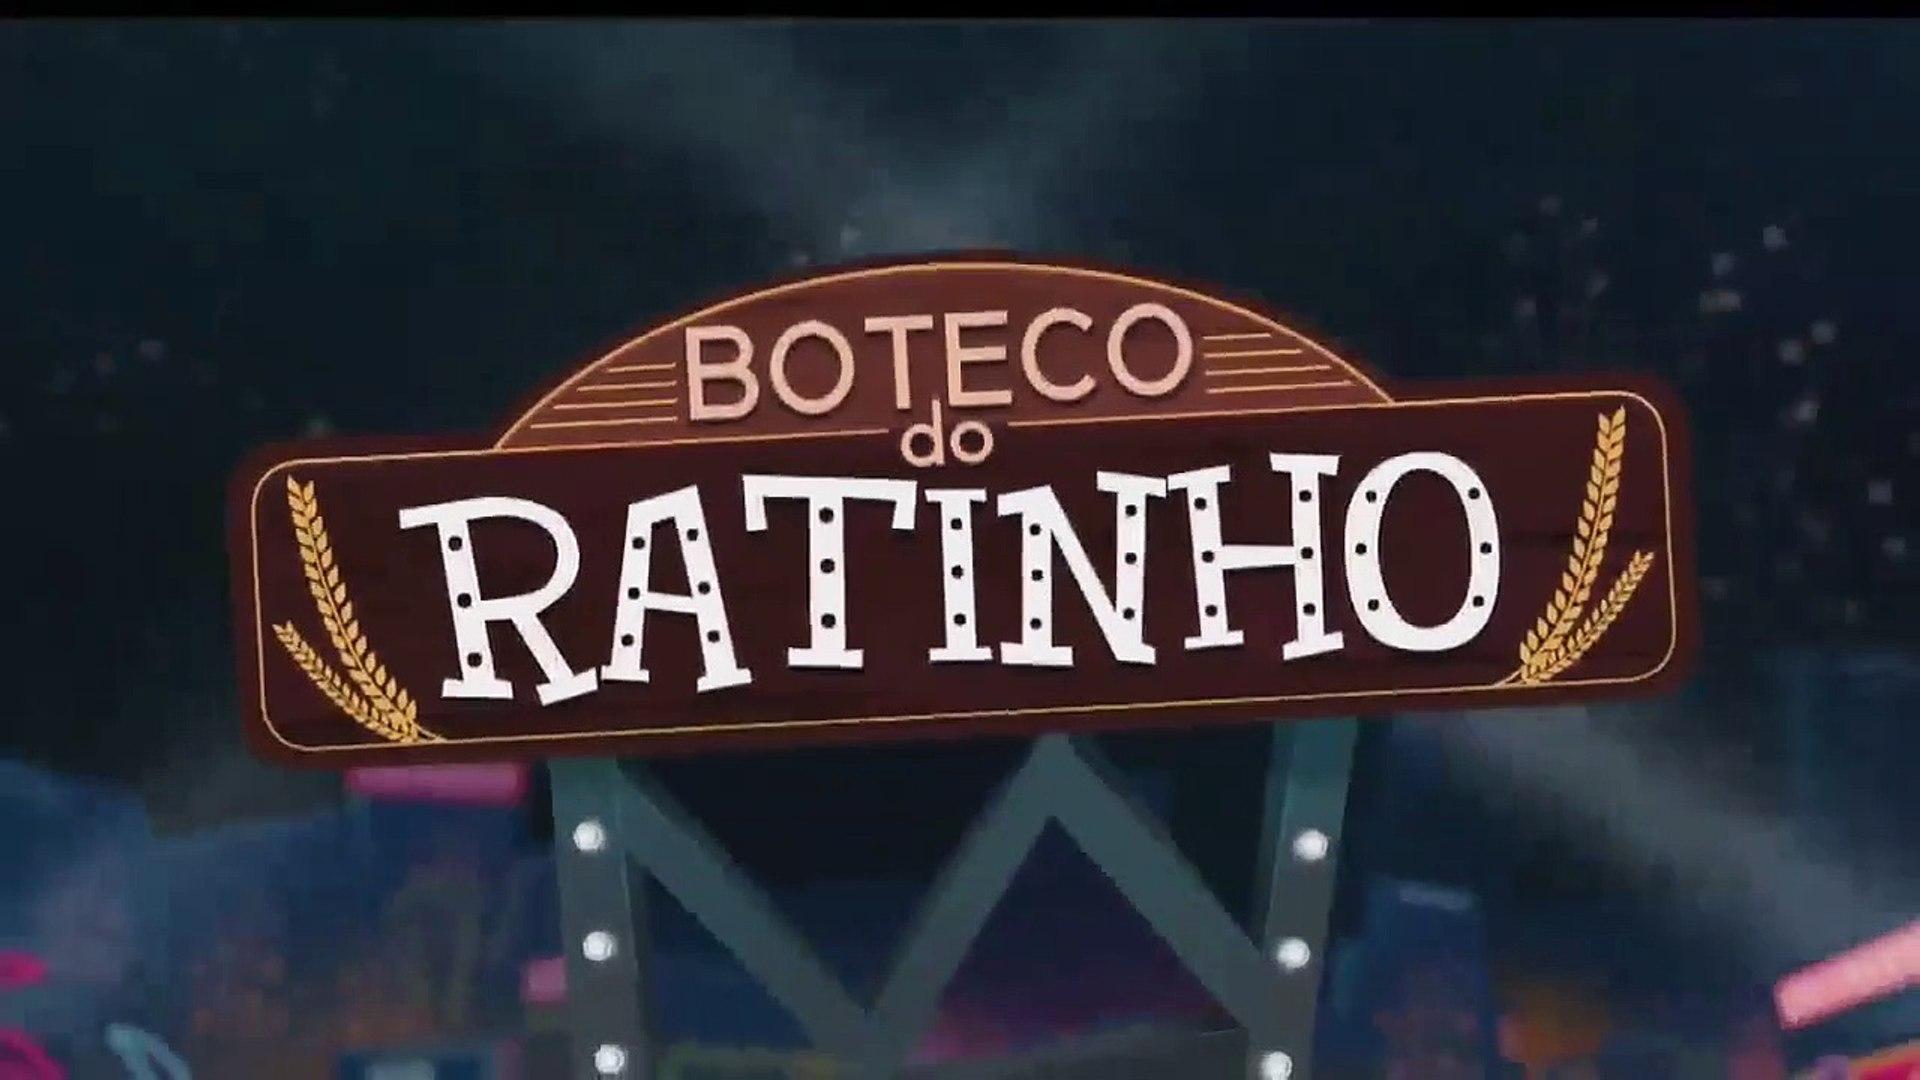 Chamada Boteco do Ratinho AO VIVO - Programa do Ratinho no SBT (03/04/2019) (Único dia)